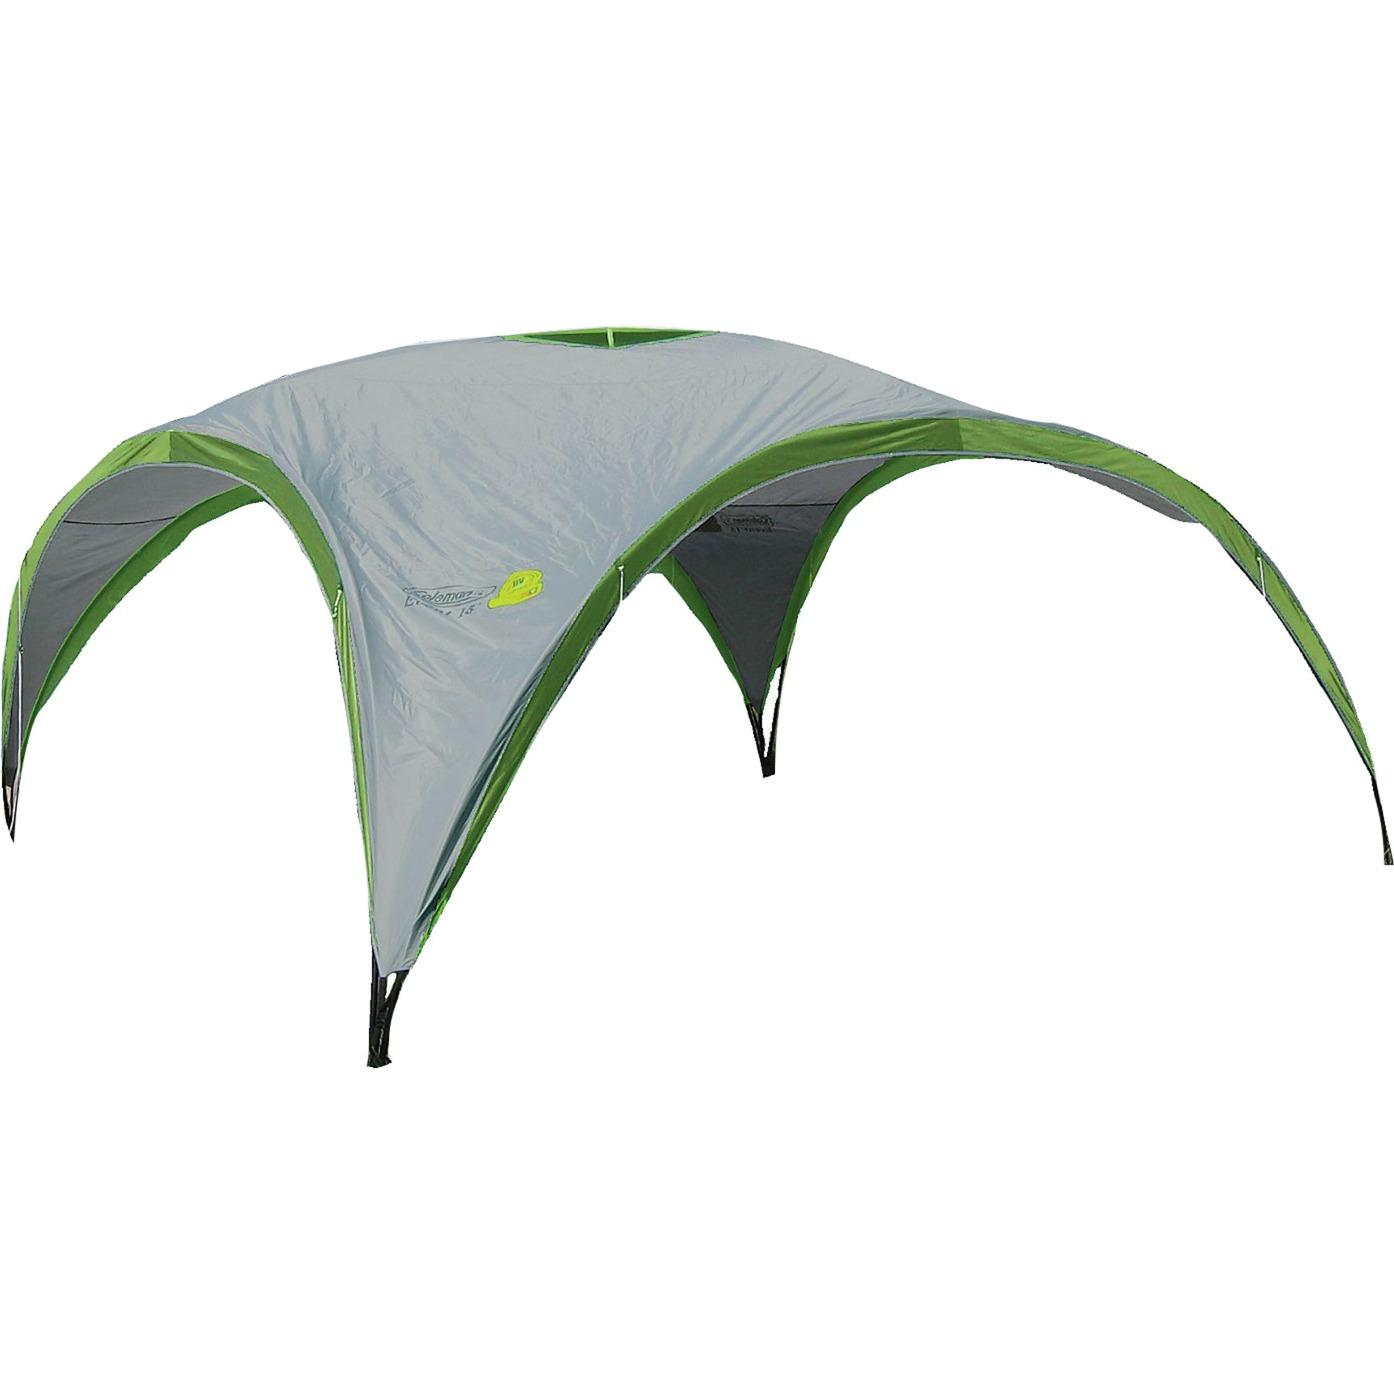 2000025508 Verde, Gris toldo y carpa para camping, Pabellón